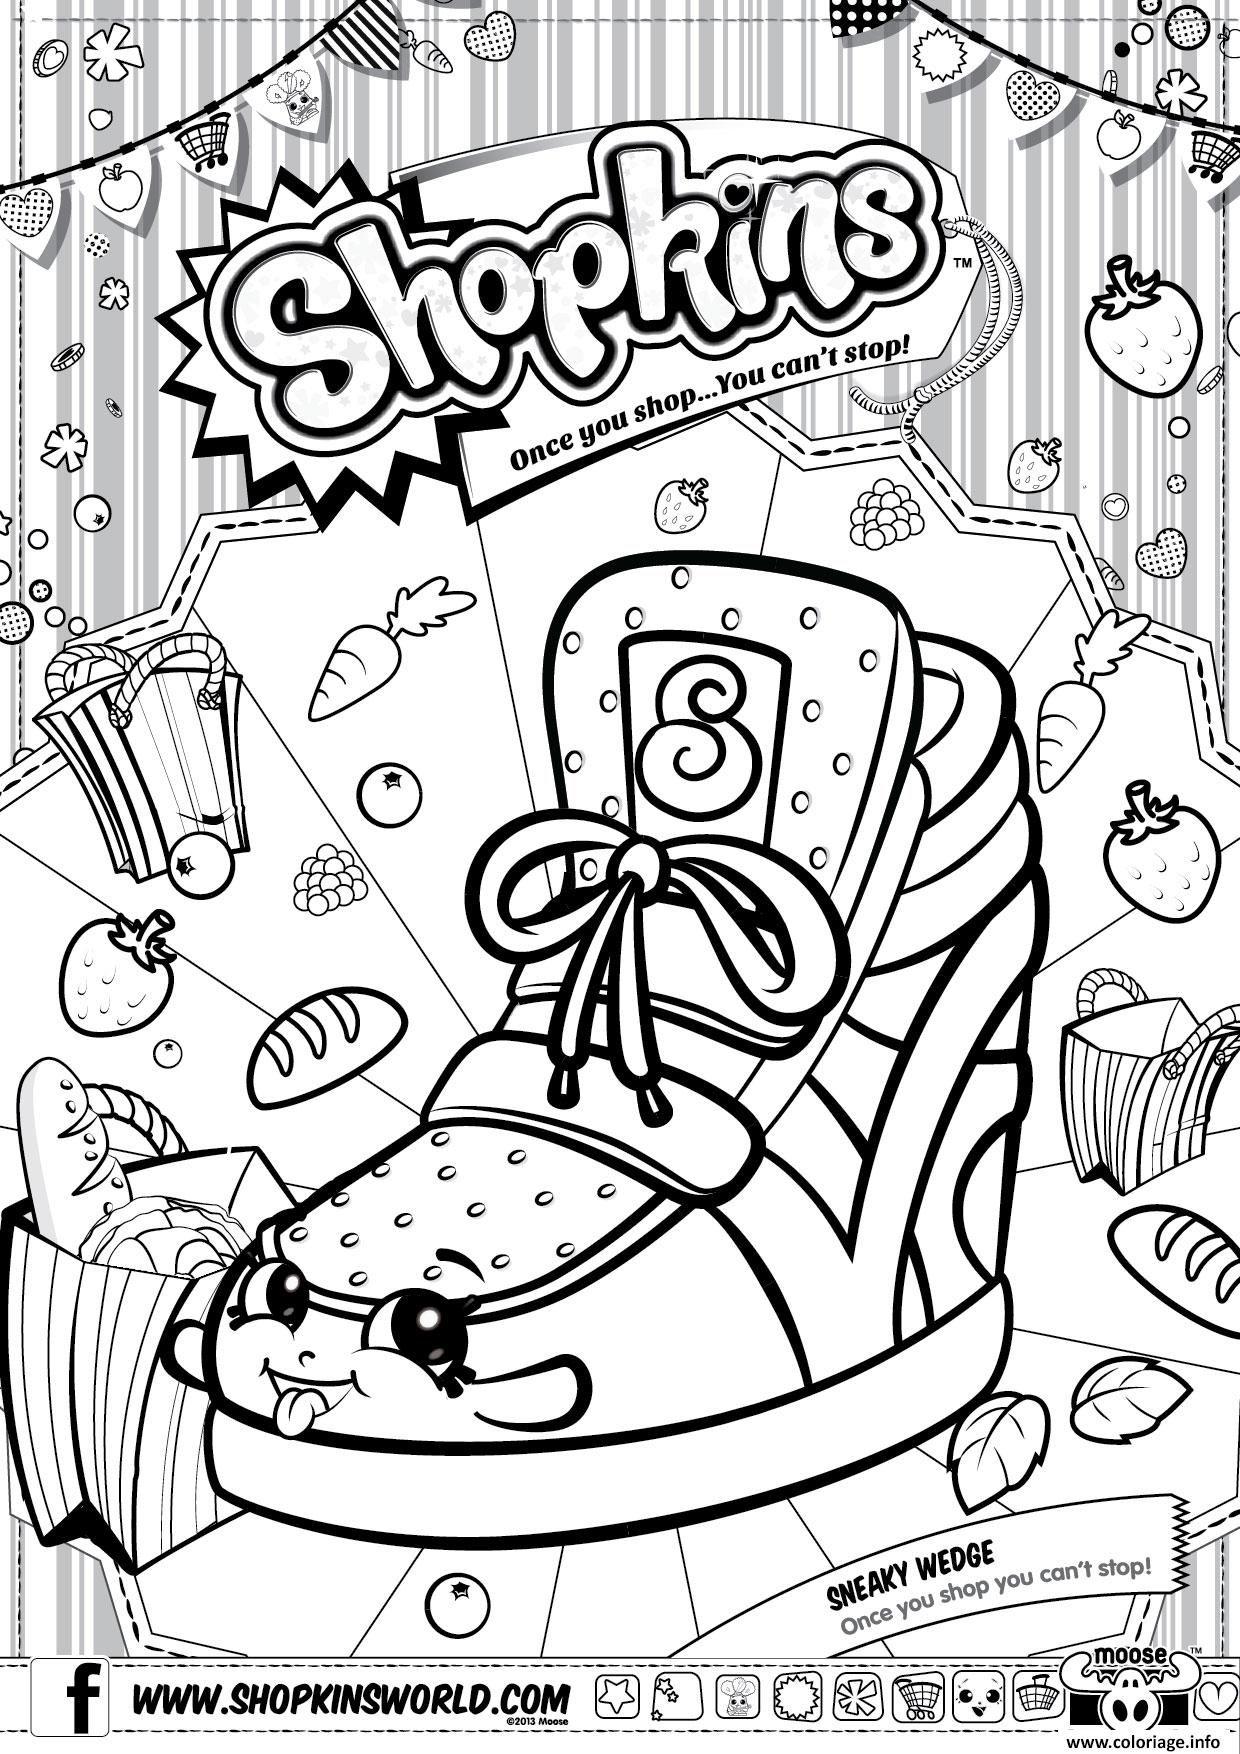 Épinglé Par Mindofmilla Sur Children | Coloriage Shopkins à Coloriage À Colorier Sur L Ordinateur Gratuit